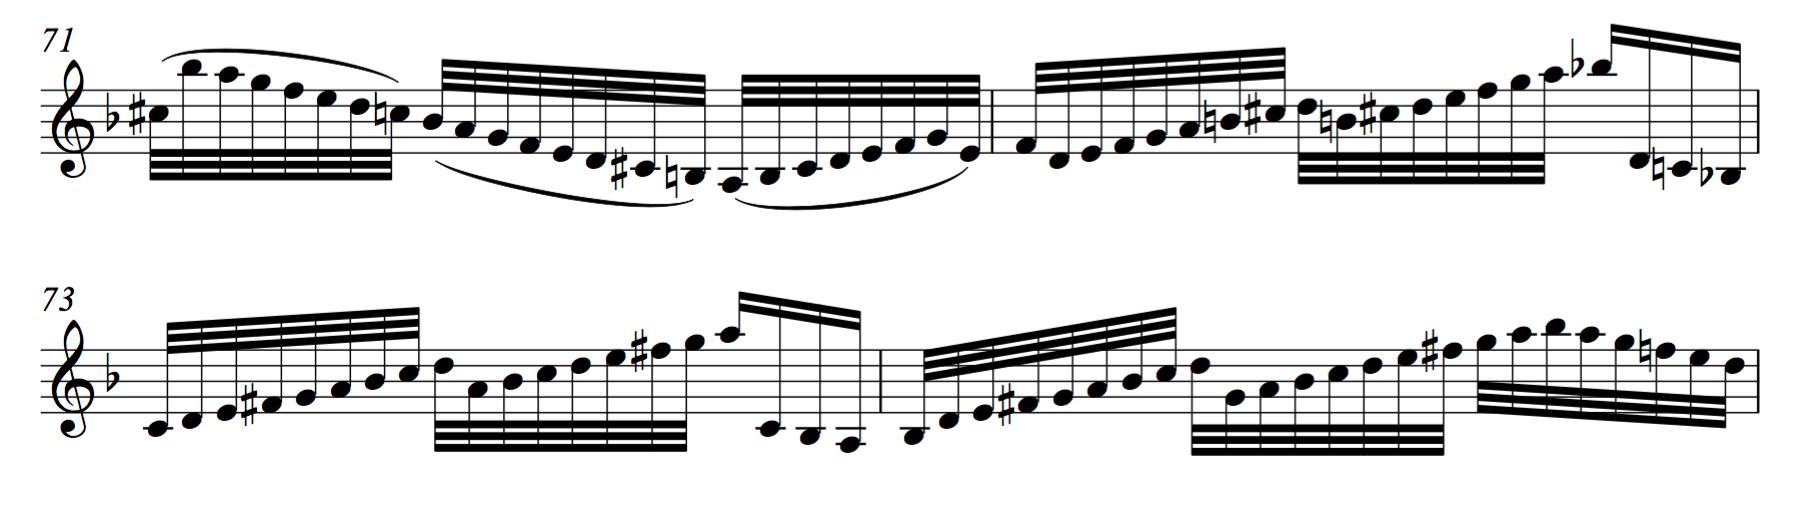 السلالم الموسيقية